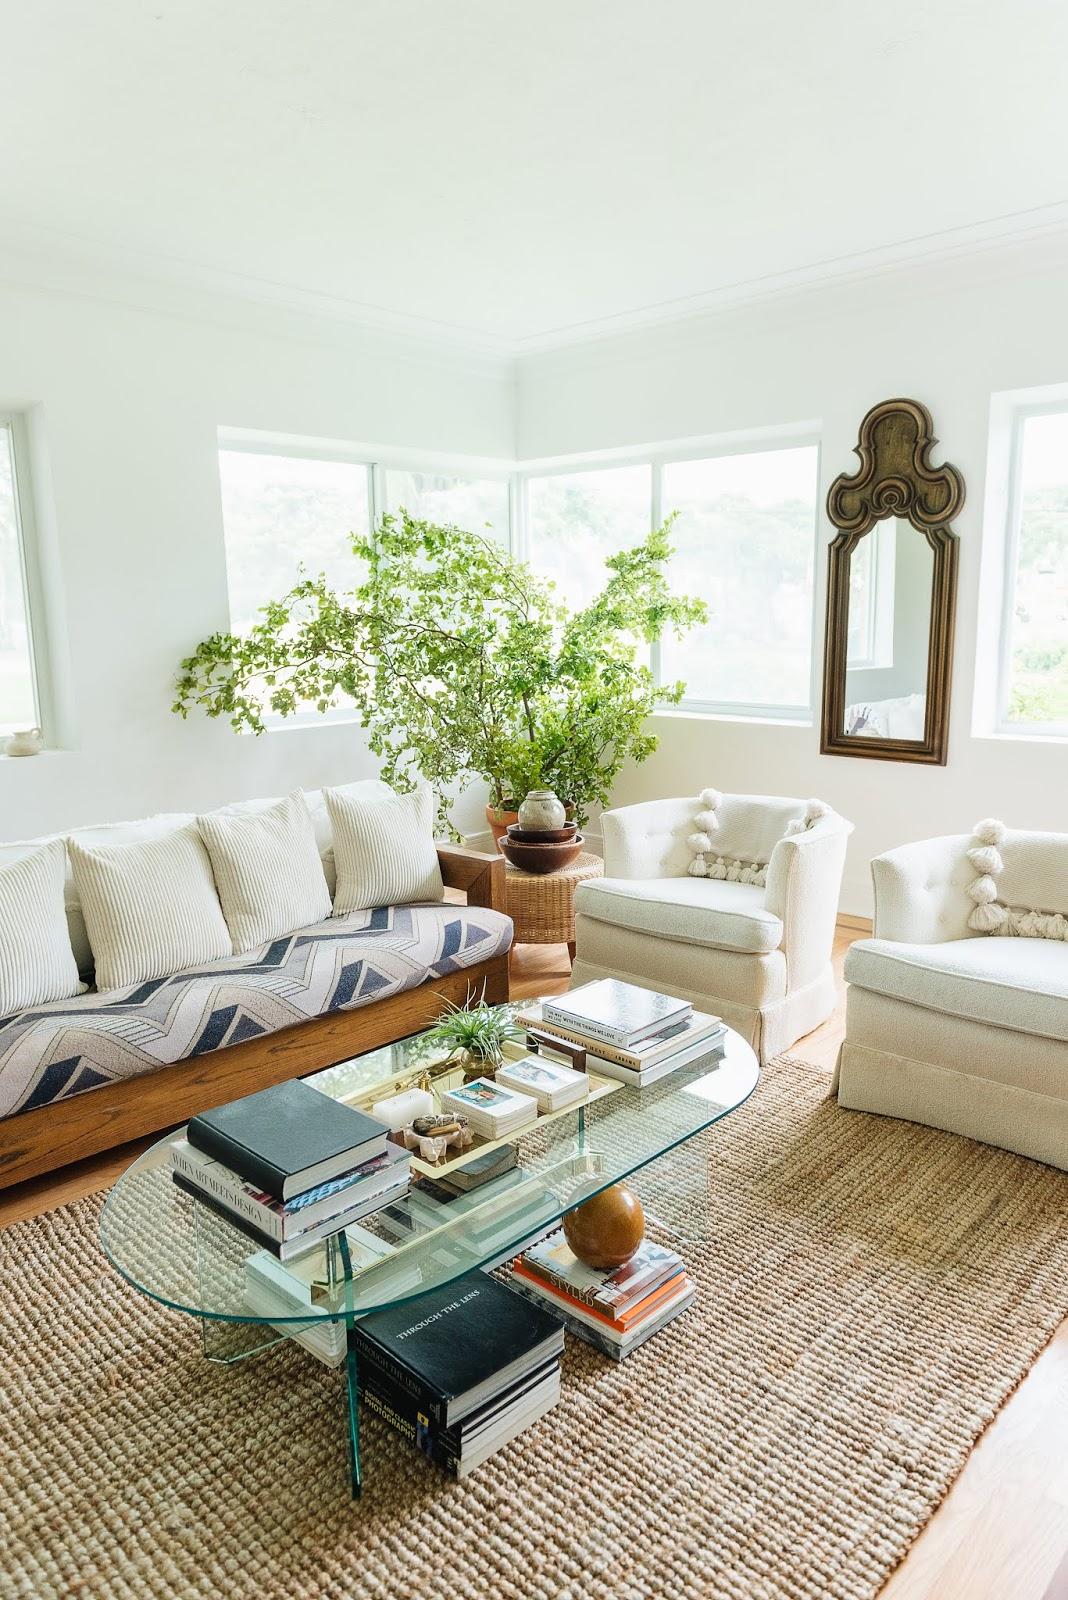 Arte Boheme, Miami interior, Miami plant decor, Miami decor, Miami interior design, Arte Boheme miami,